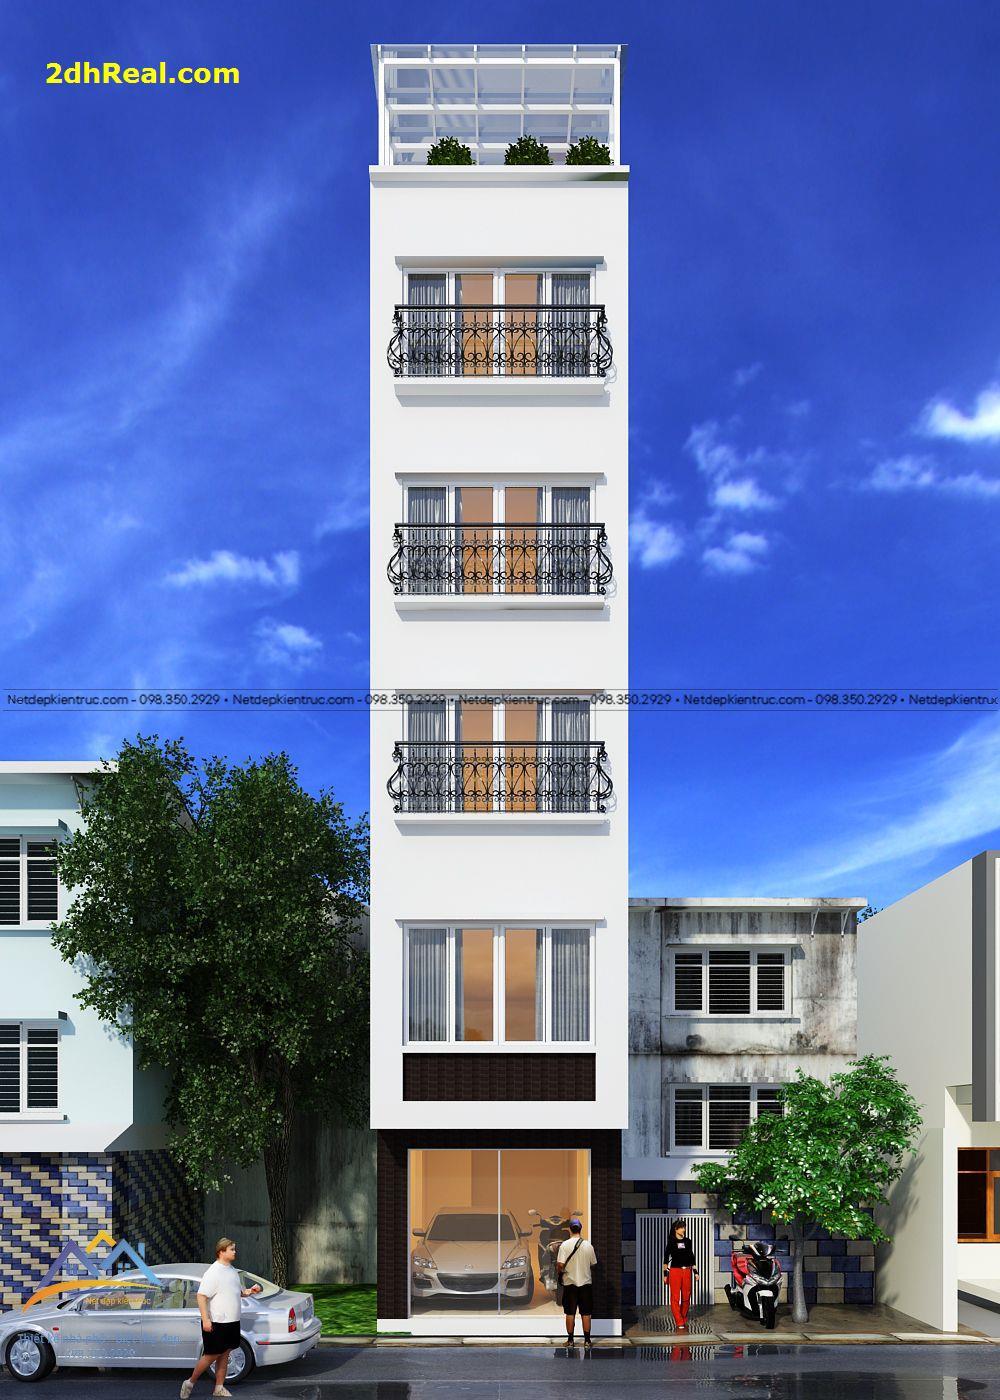 Bán nhà 2 mặt tiền 341 Nguyễn Trãi, phường Nguyễn Cư Trinh,  quận 1.